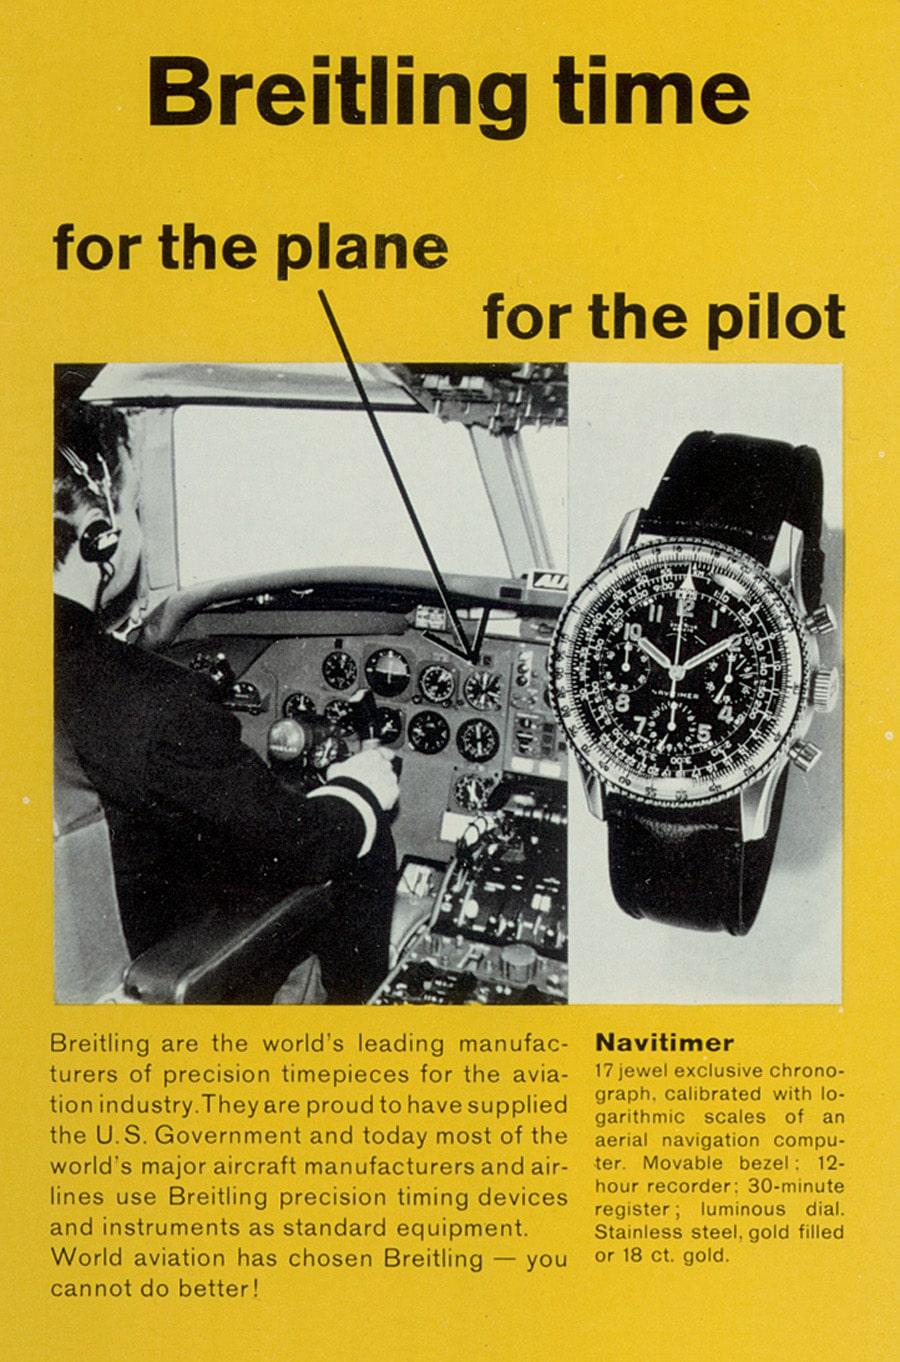 """Breitling-Werbung der 1950er-Jahre:</br>""""Für das Flugzeug – für den Pilot"""""""